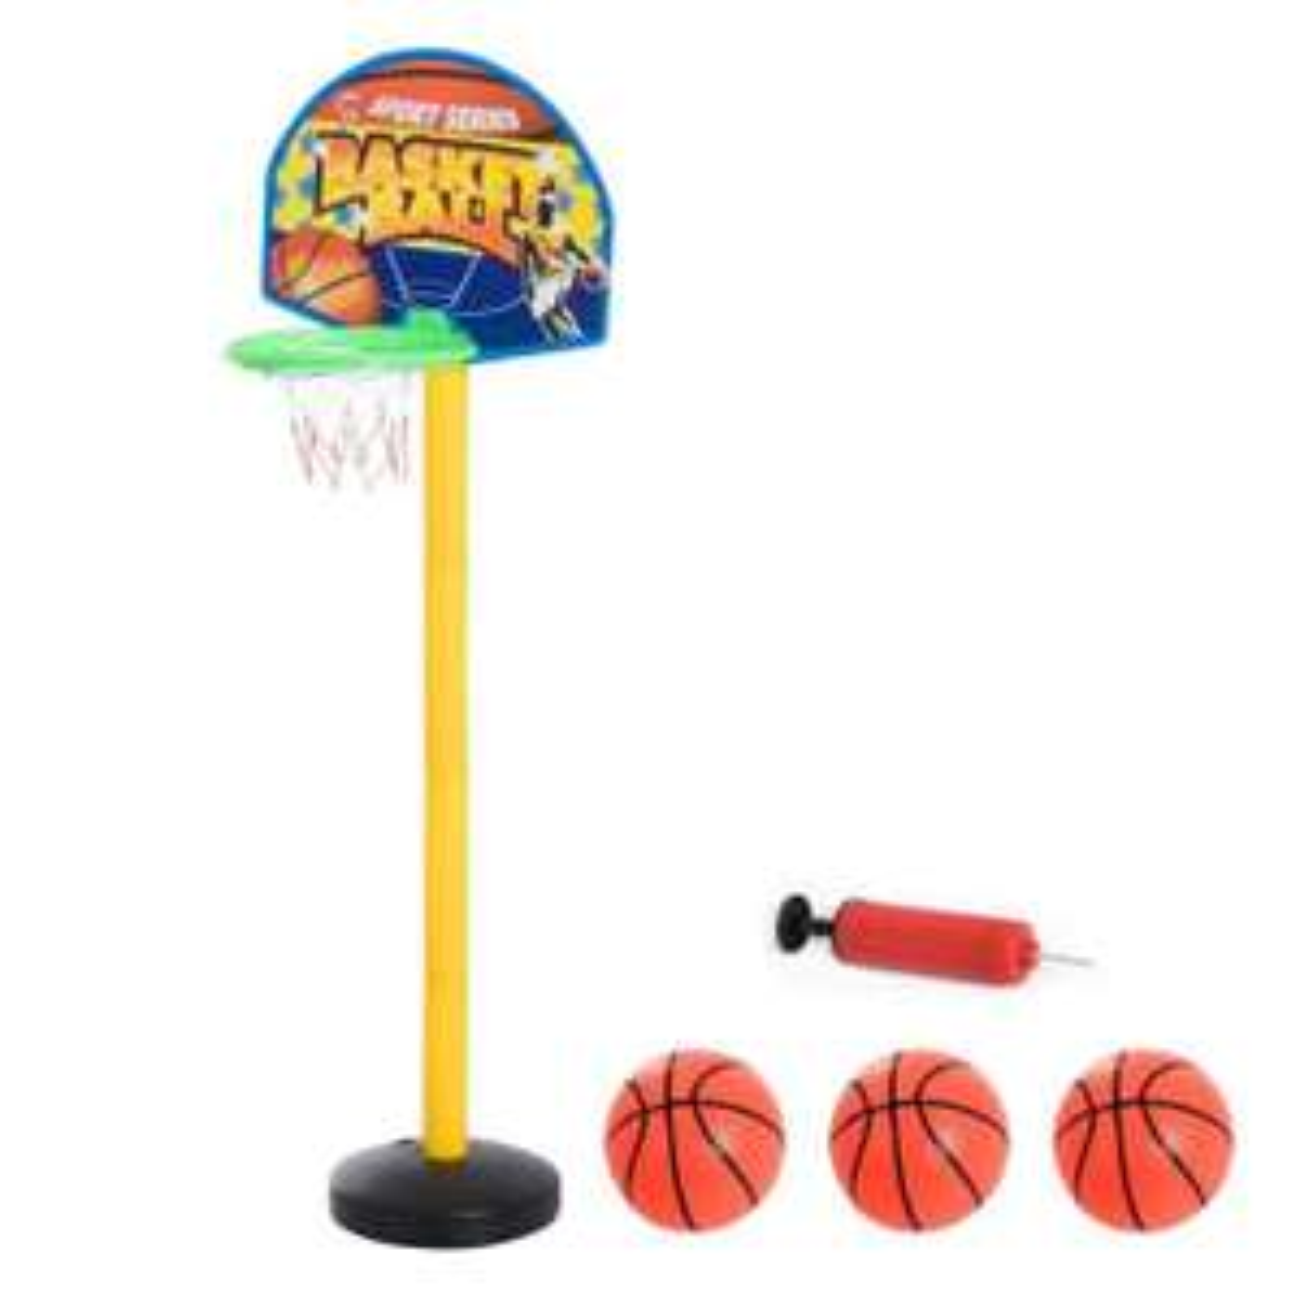 Panier de Basket-Ball sur pied avec poteau panneau + 3 ballons + pompe hauteur réglable 0,60 - 1,32 m jaune noir (Vendeur tiers)